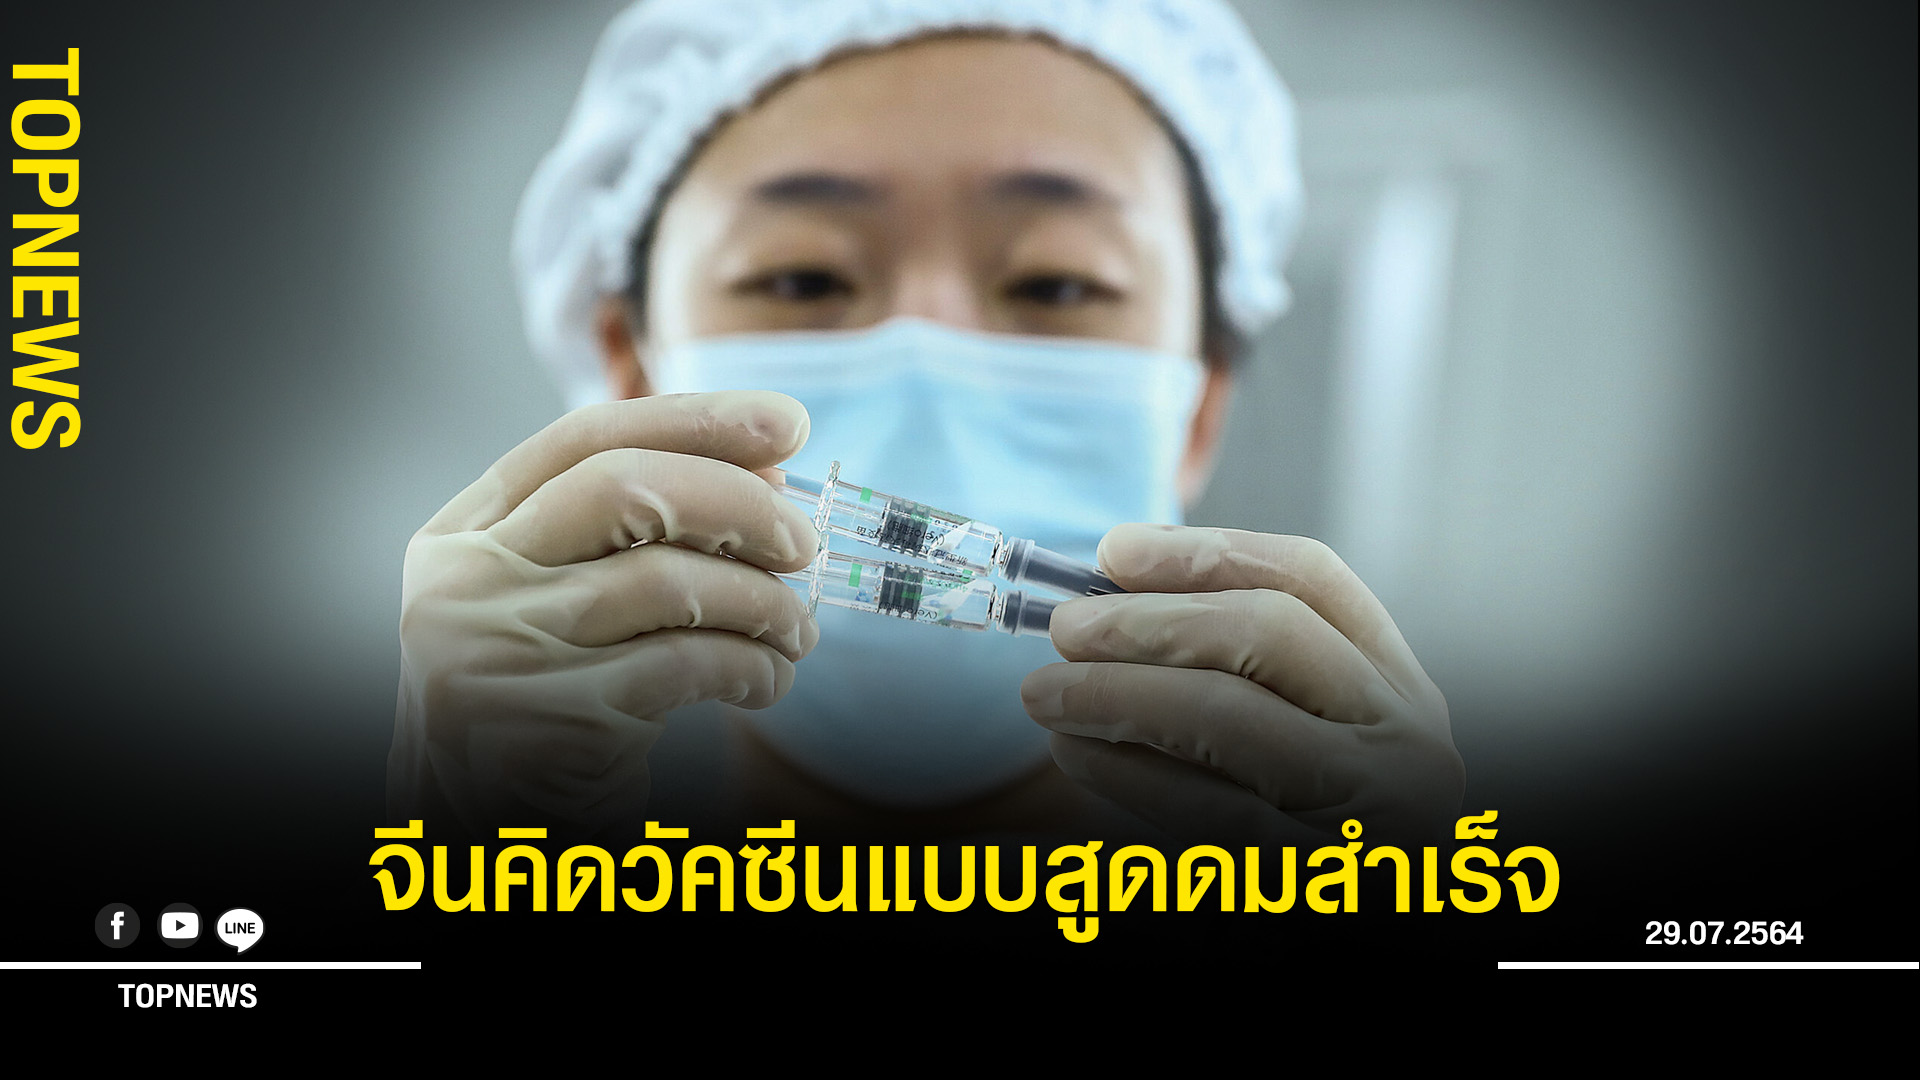 ก้าวไปอีกขั้น! จีน ผลิตวัคซีนป้องกันโควิด-19 ชนิดสูดดมได้เป็นครั้งแรกในโลก